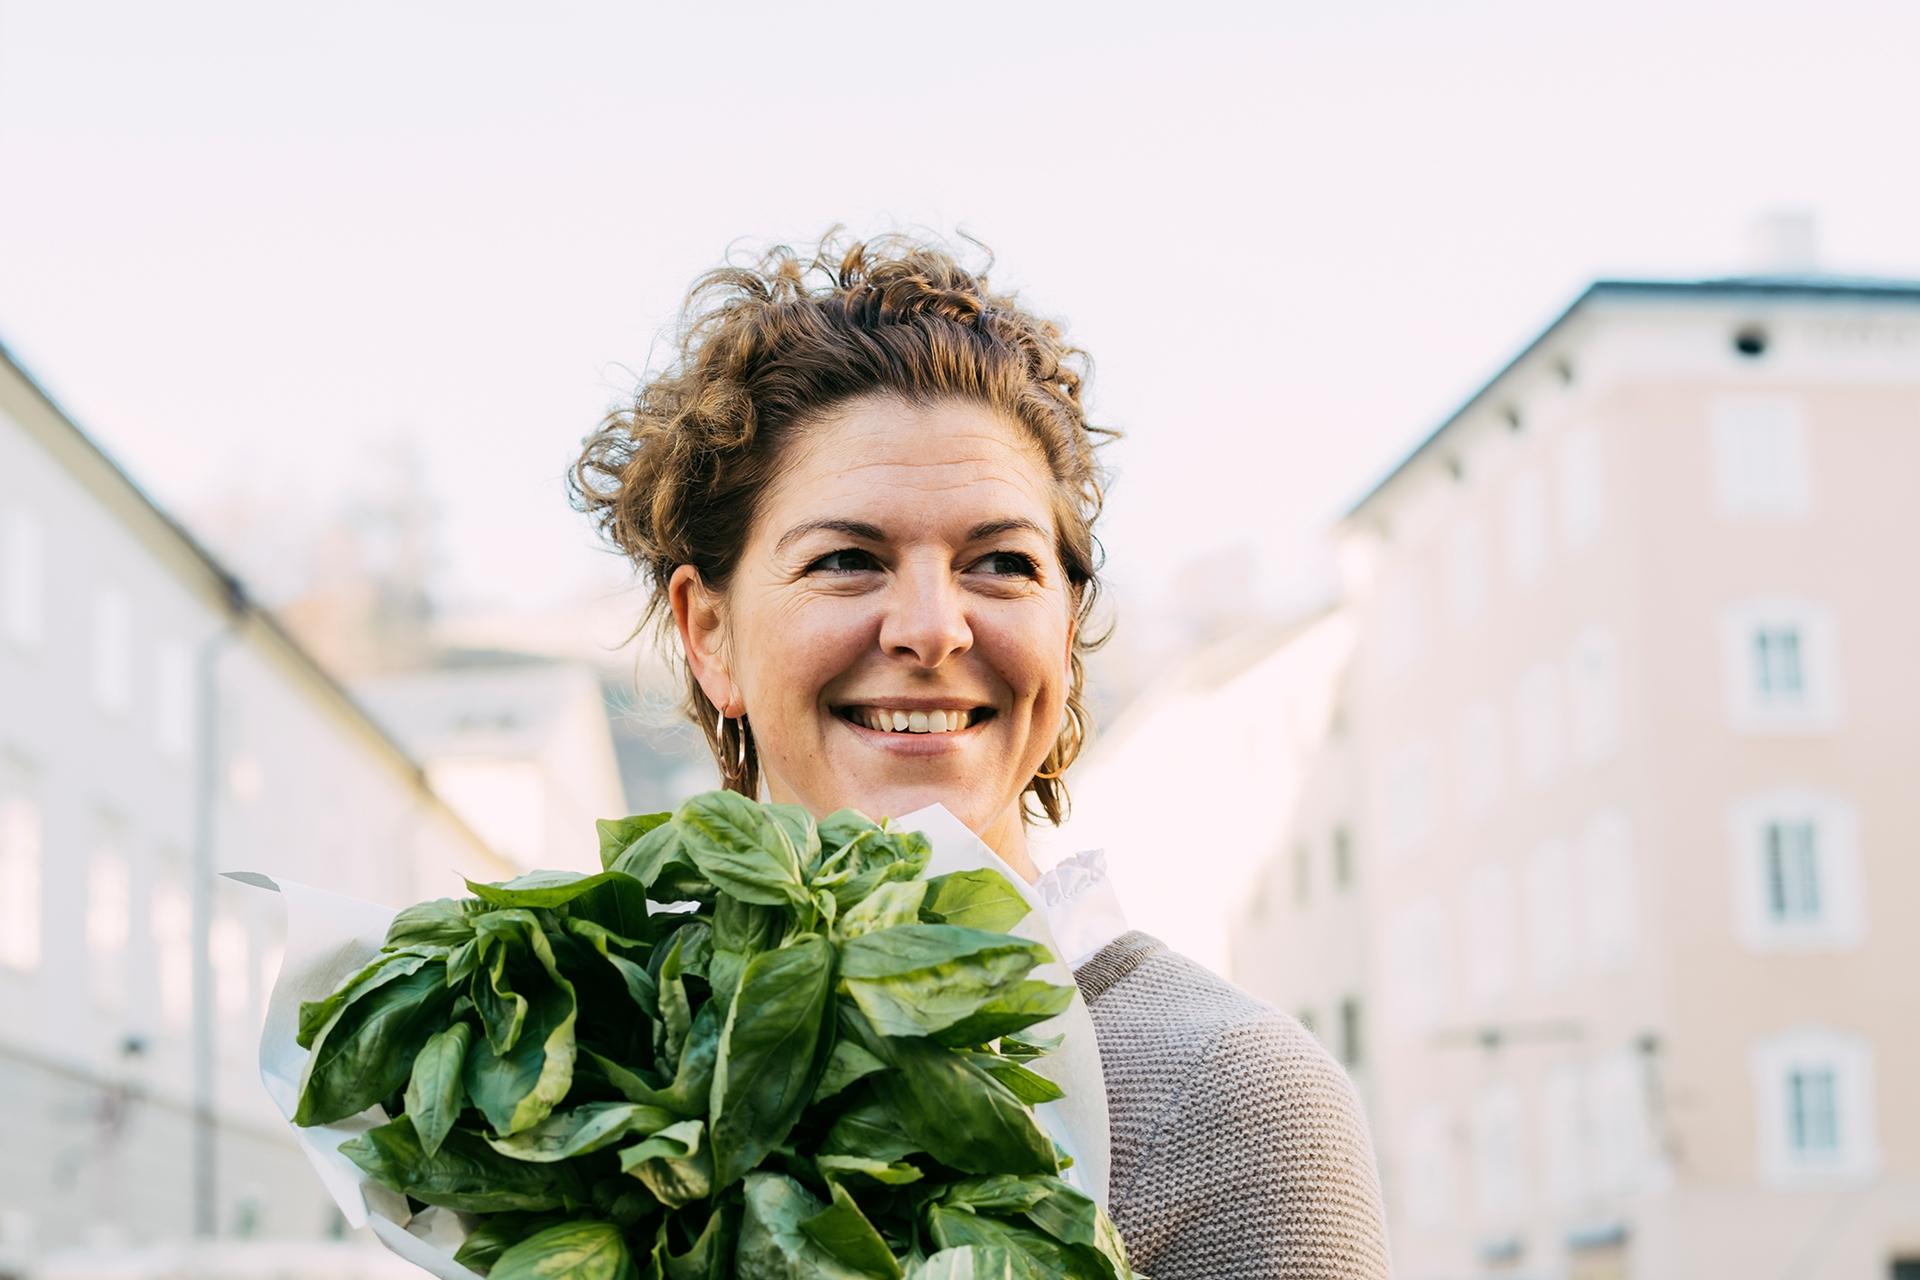 © Eat & Meet, Marco Riebler - Nina Allerberger